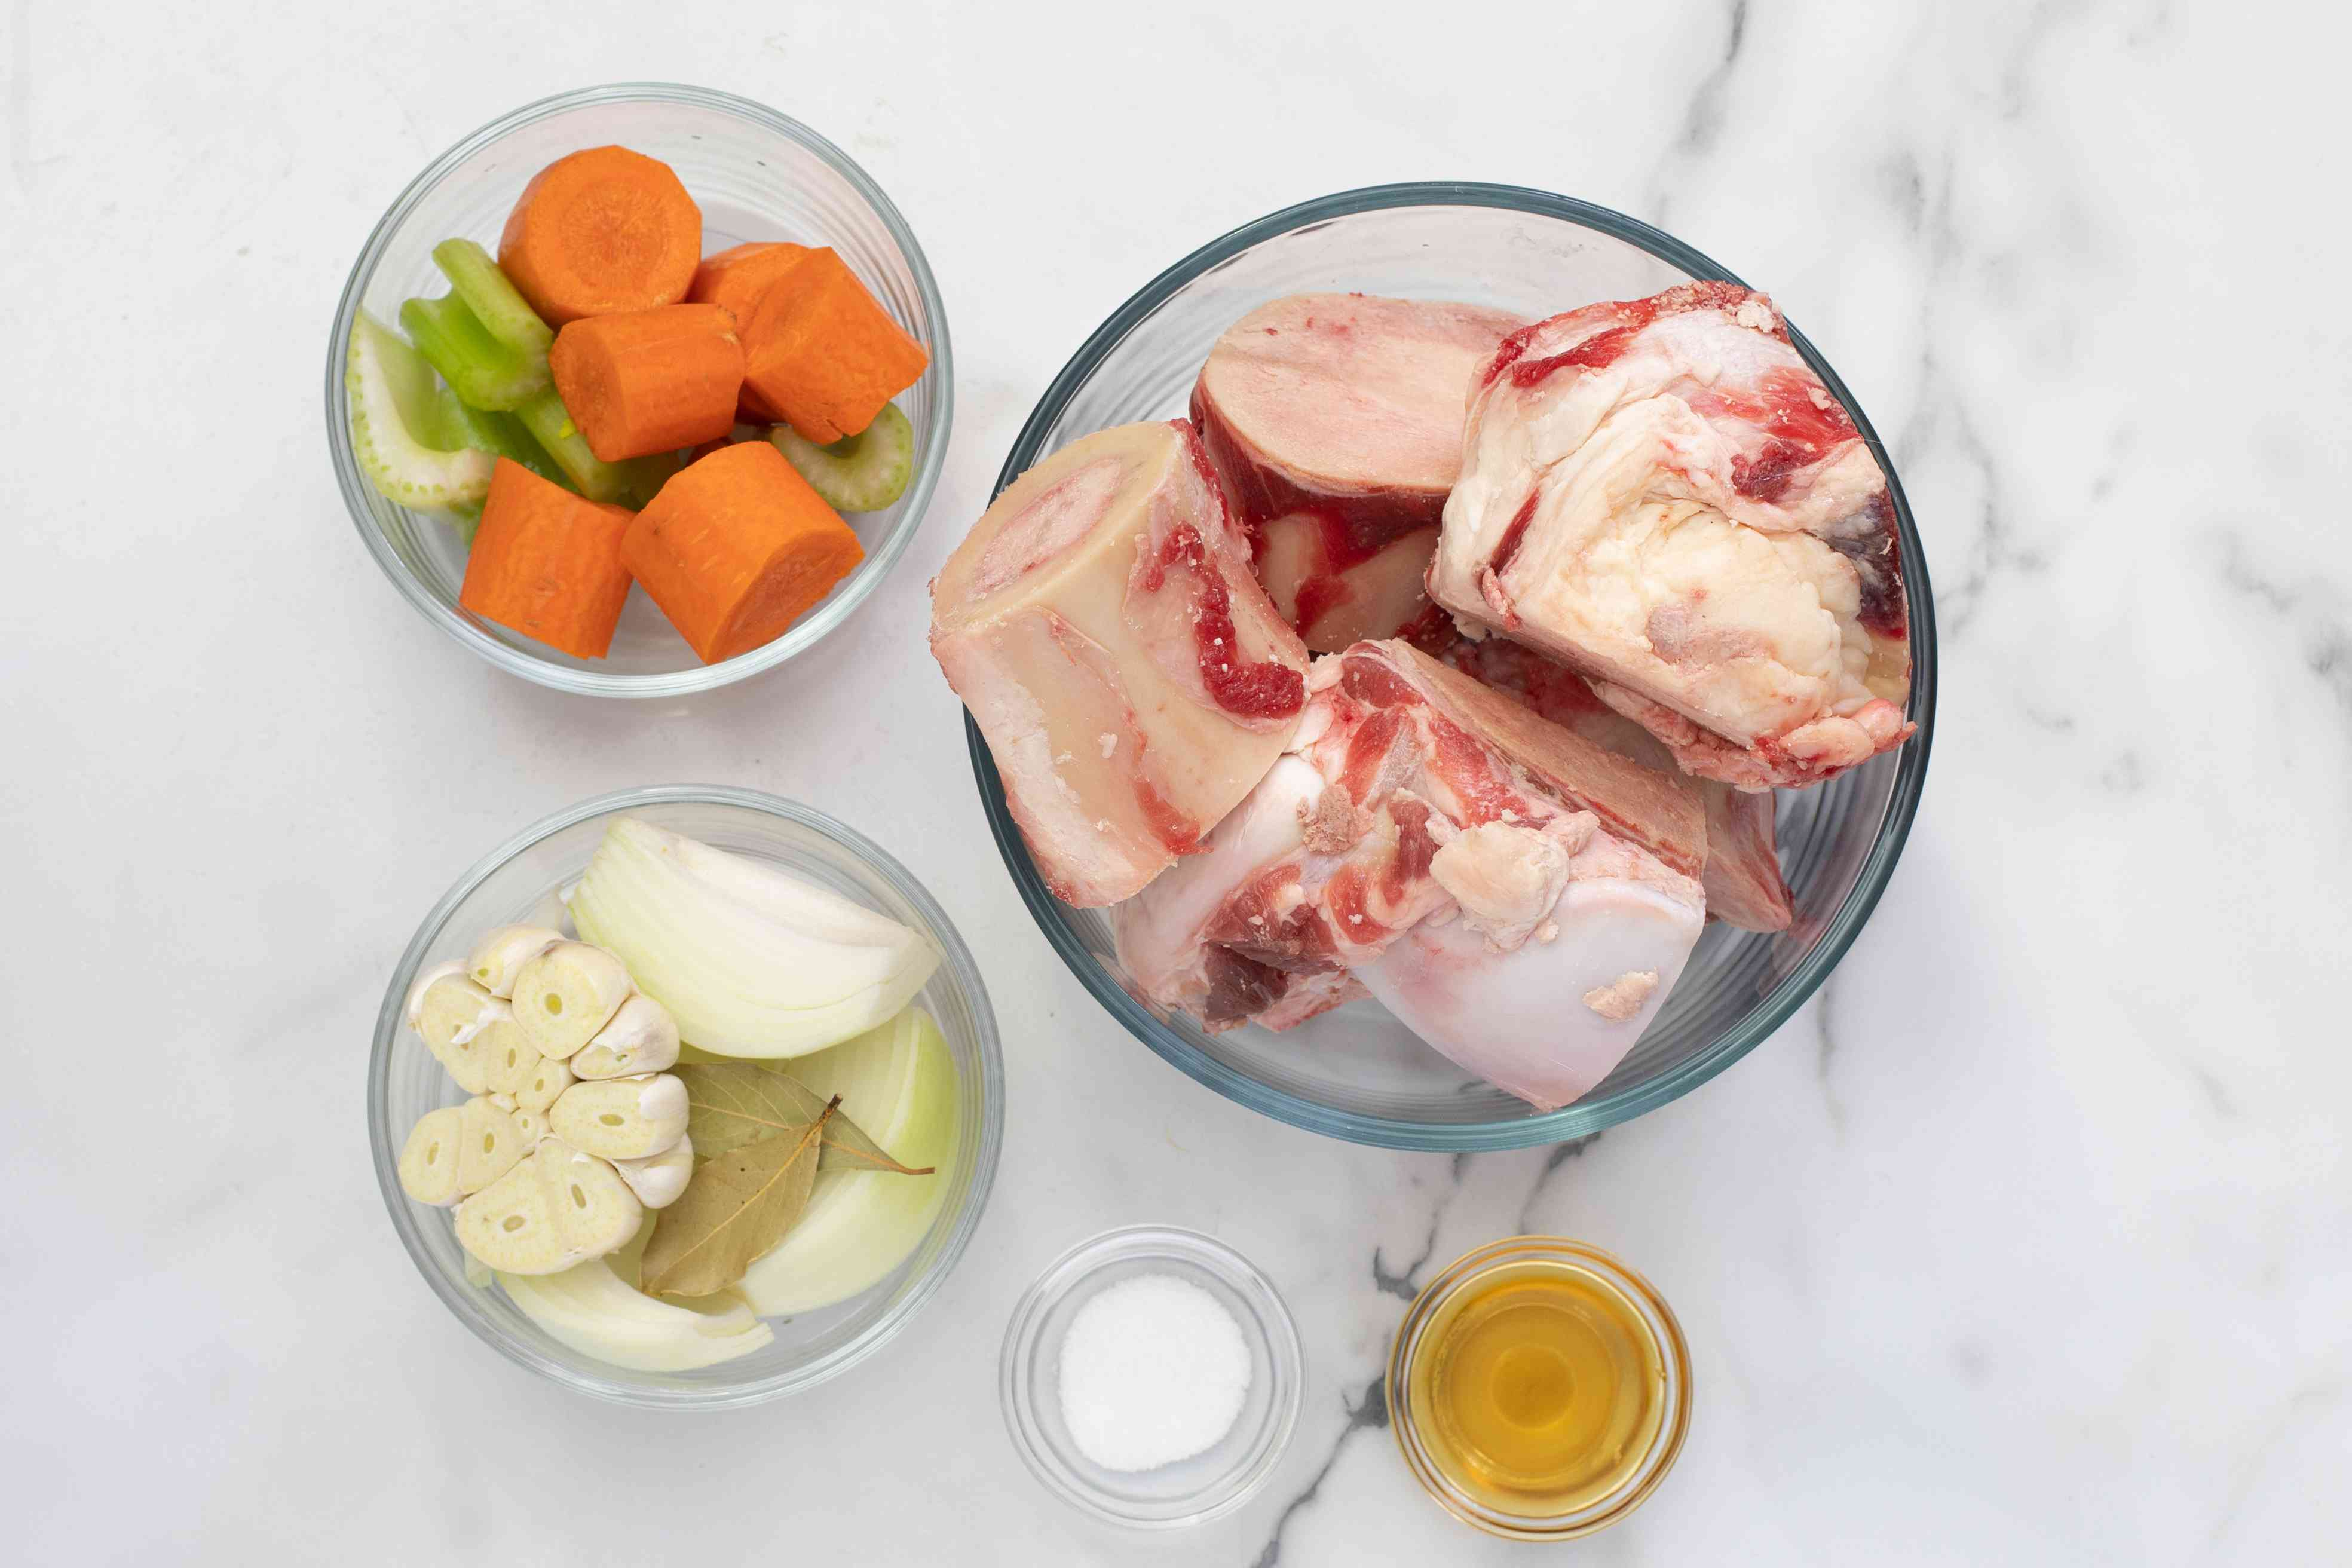 ingredients for bone broth